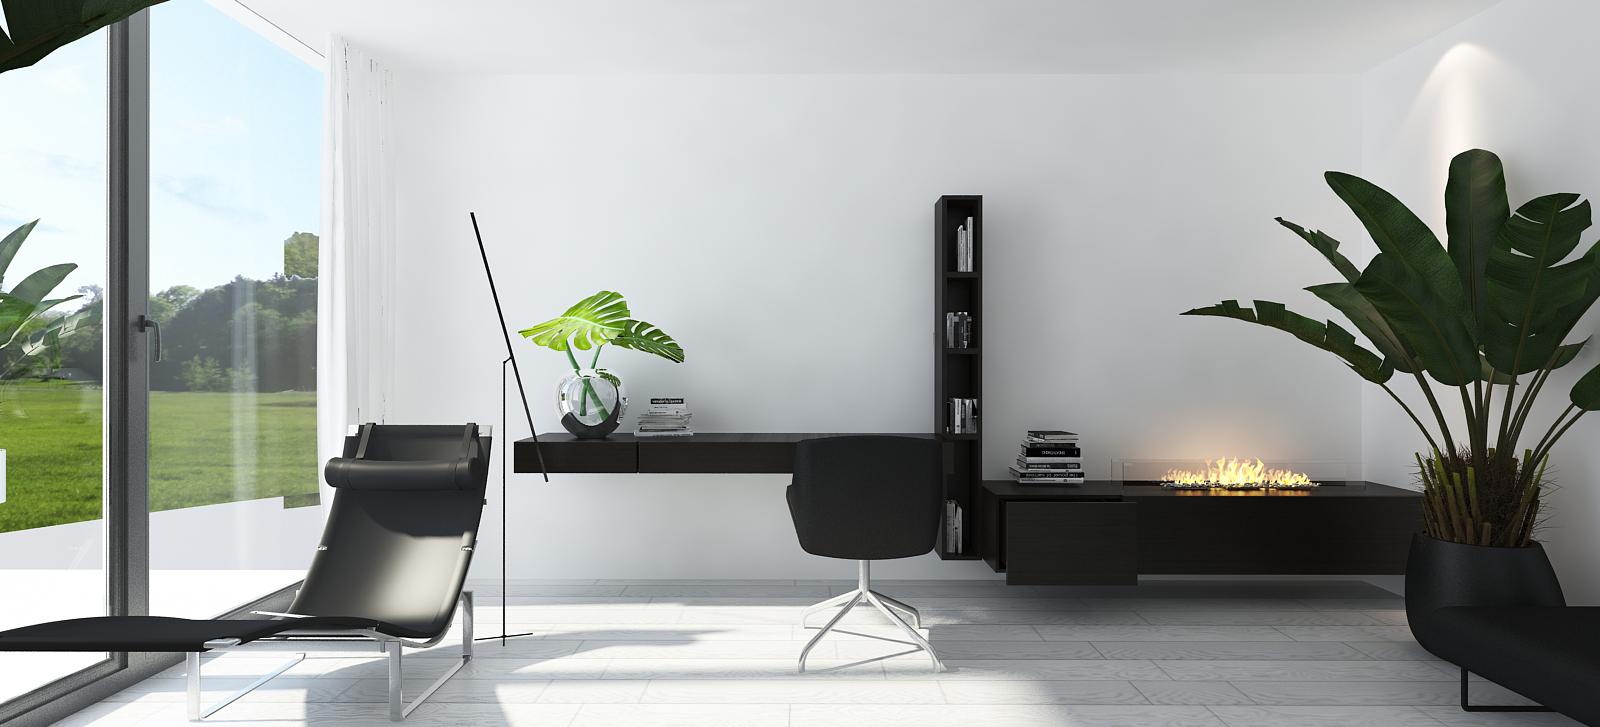 018 mono architekt wnętrz śląsk katowice gliwice nowoczesny pokój gabinet minimalistyczny